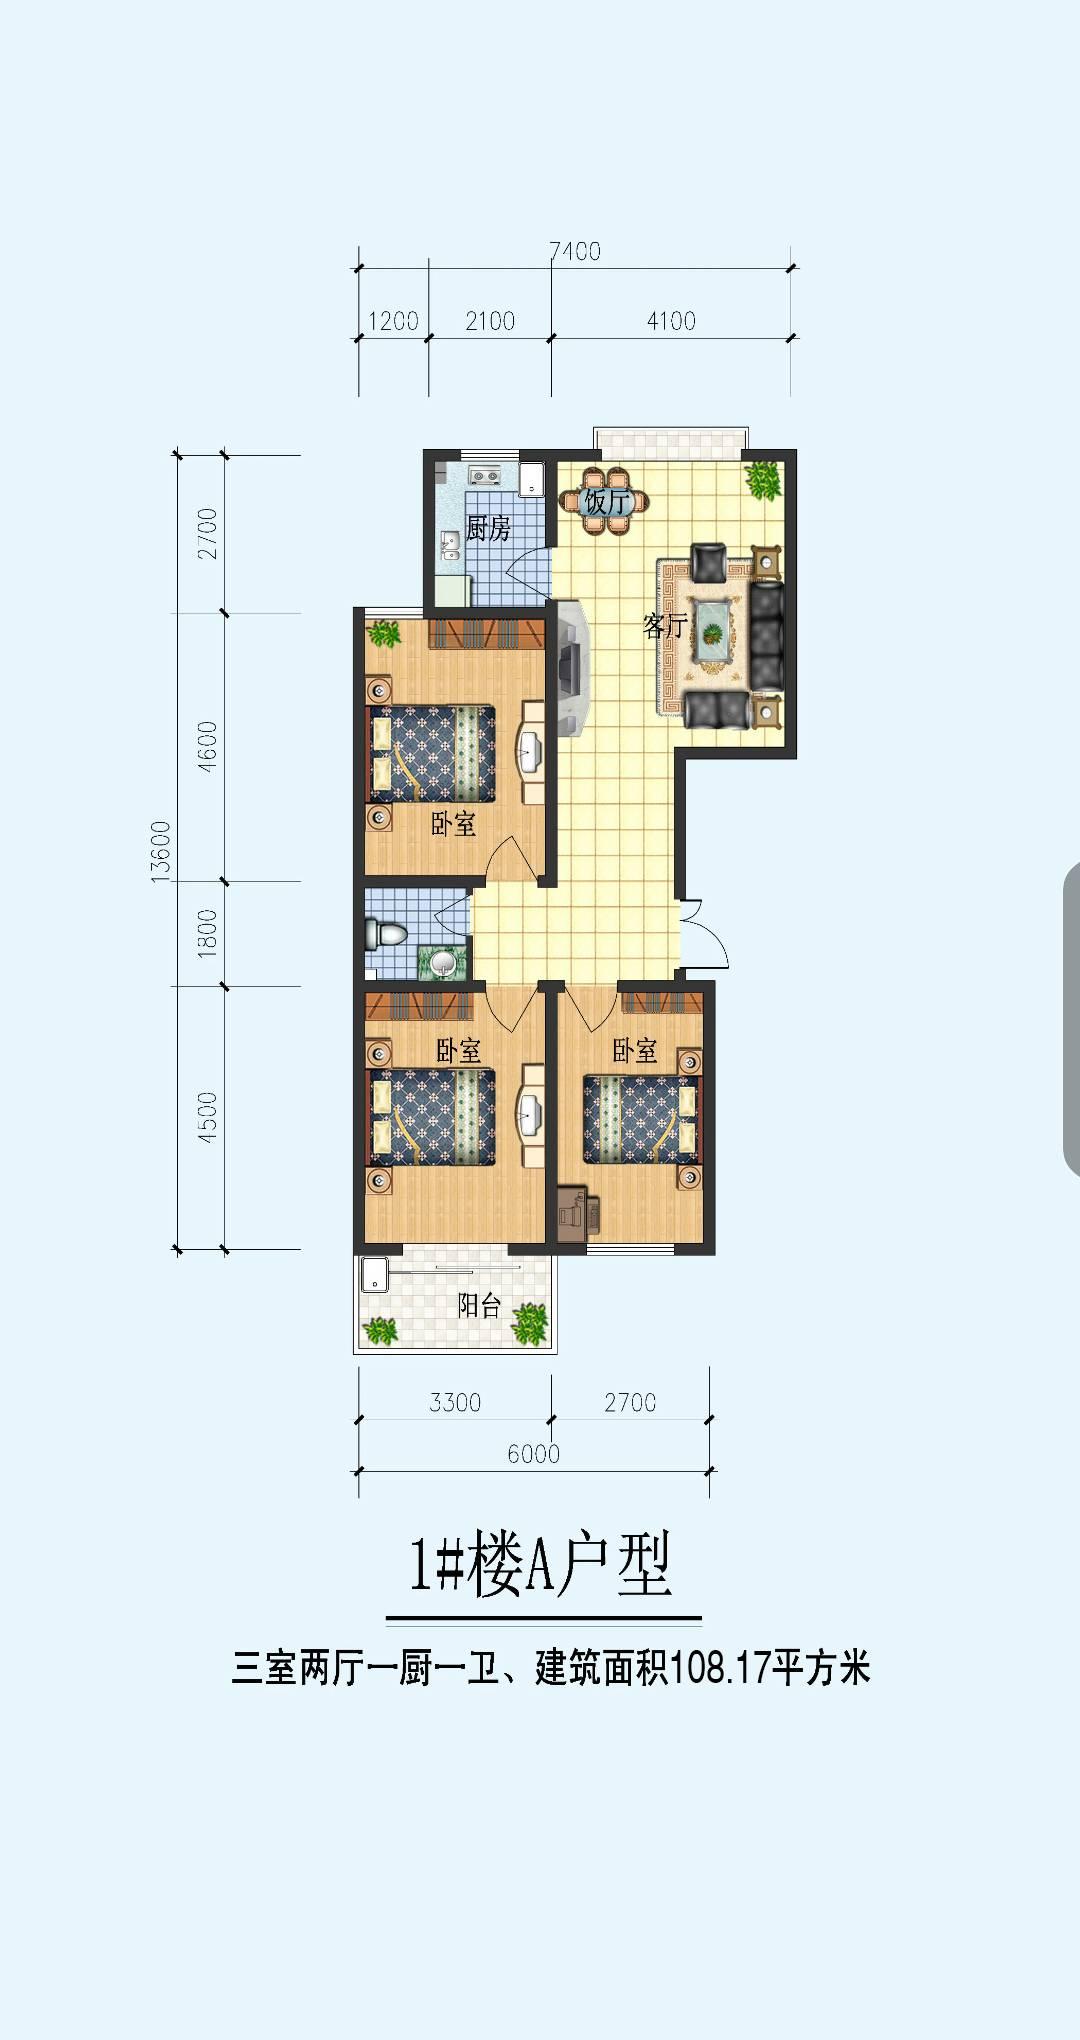 梨花苑3室 2廳 1衛33萬元